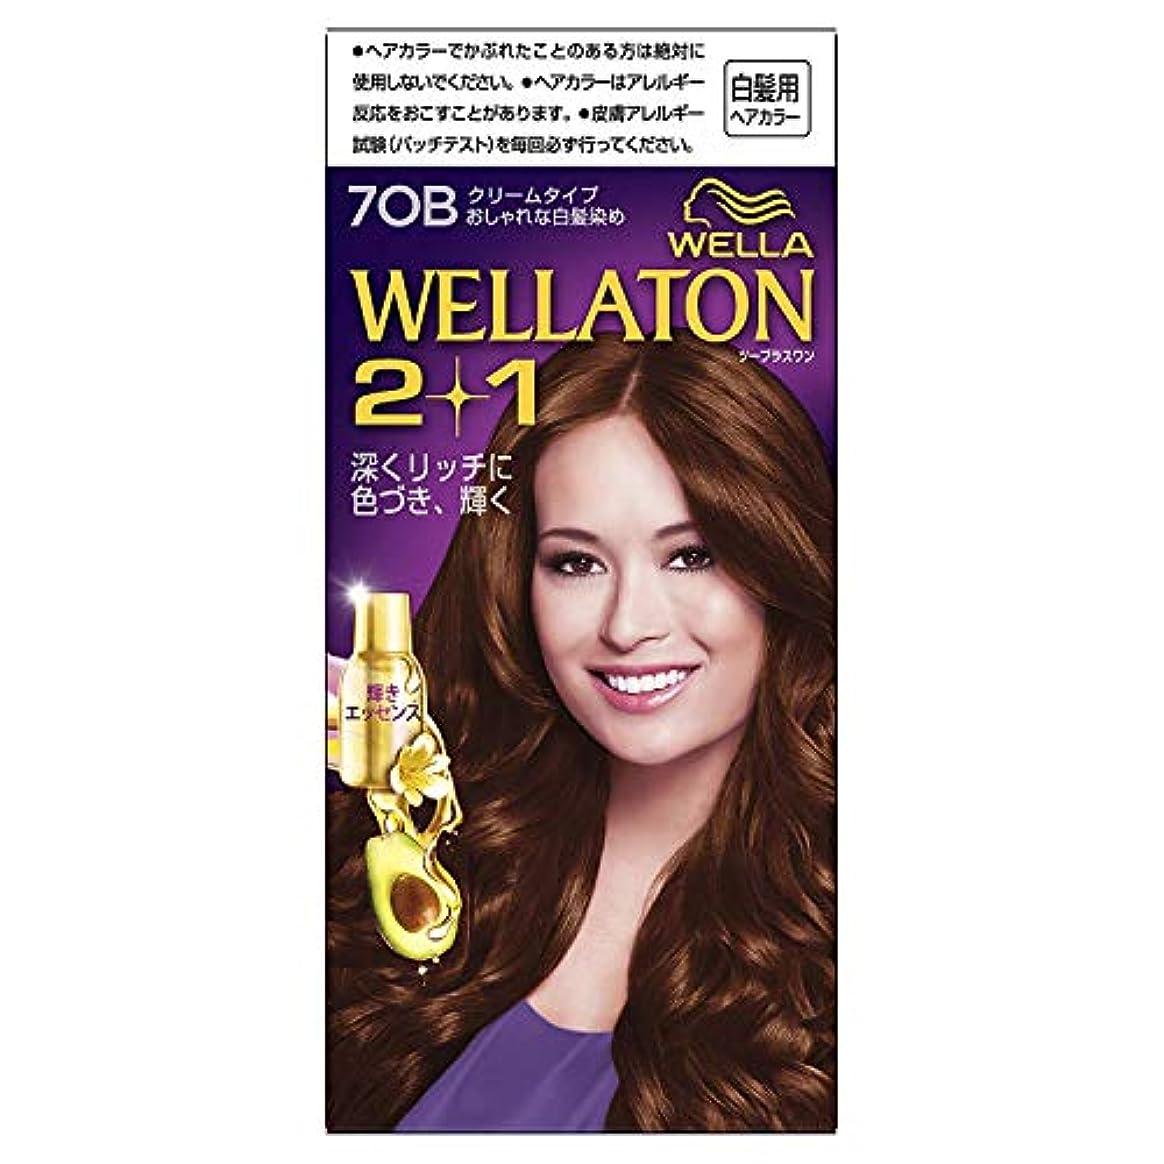 宙返りシルク支援ウエラトーン2+1 白髪染め クリームタイプ 7OB [医薬部外品] ×6個